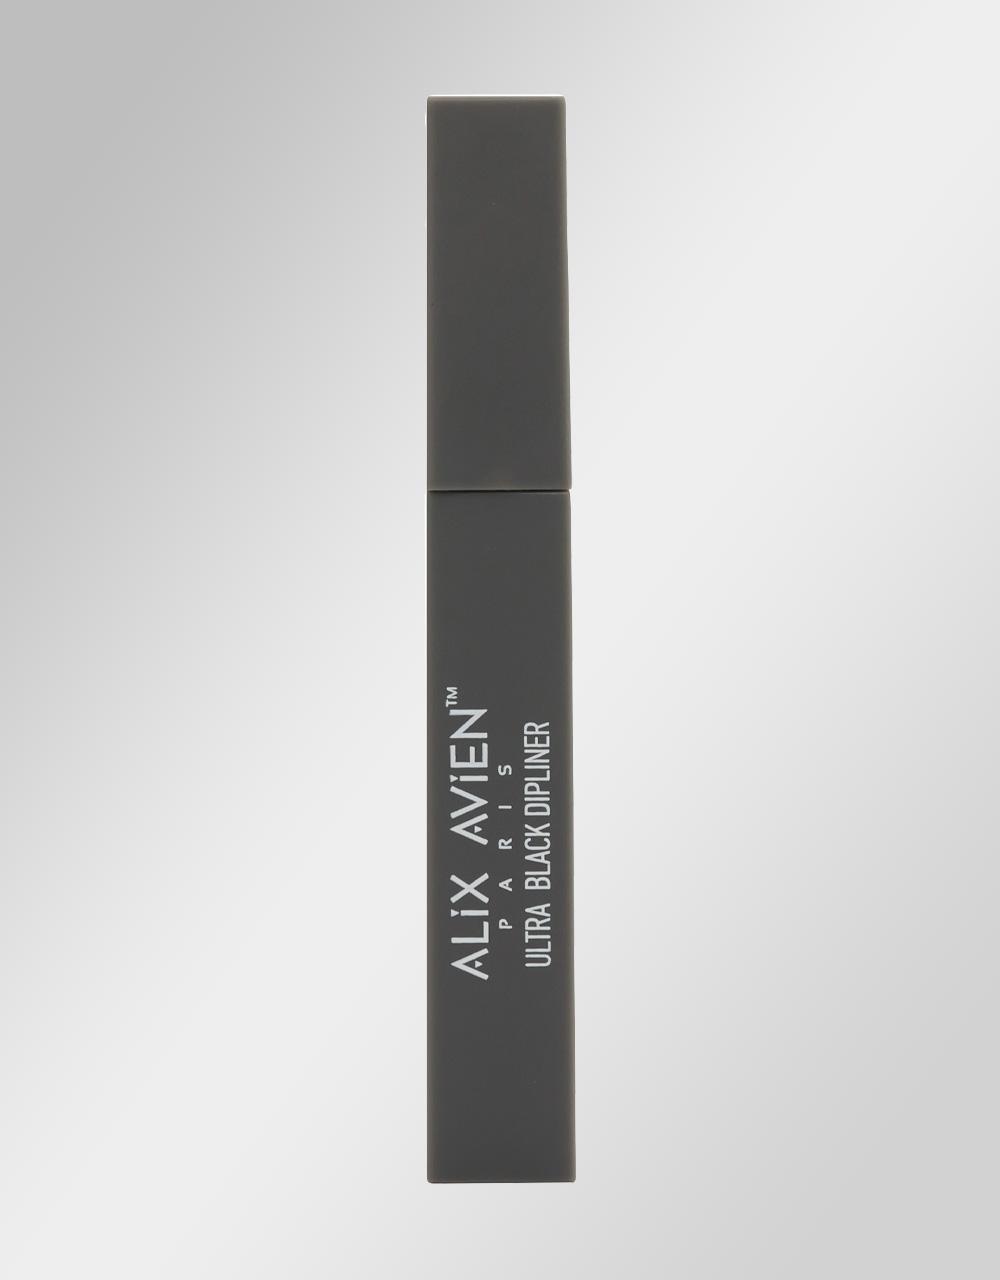 Ultra-Black-Dipliner-002